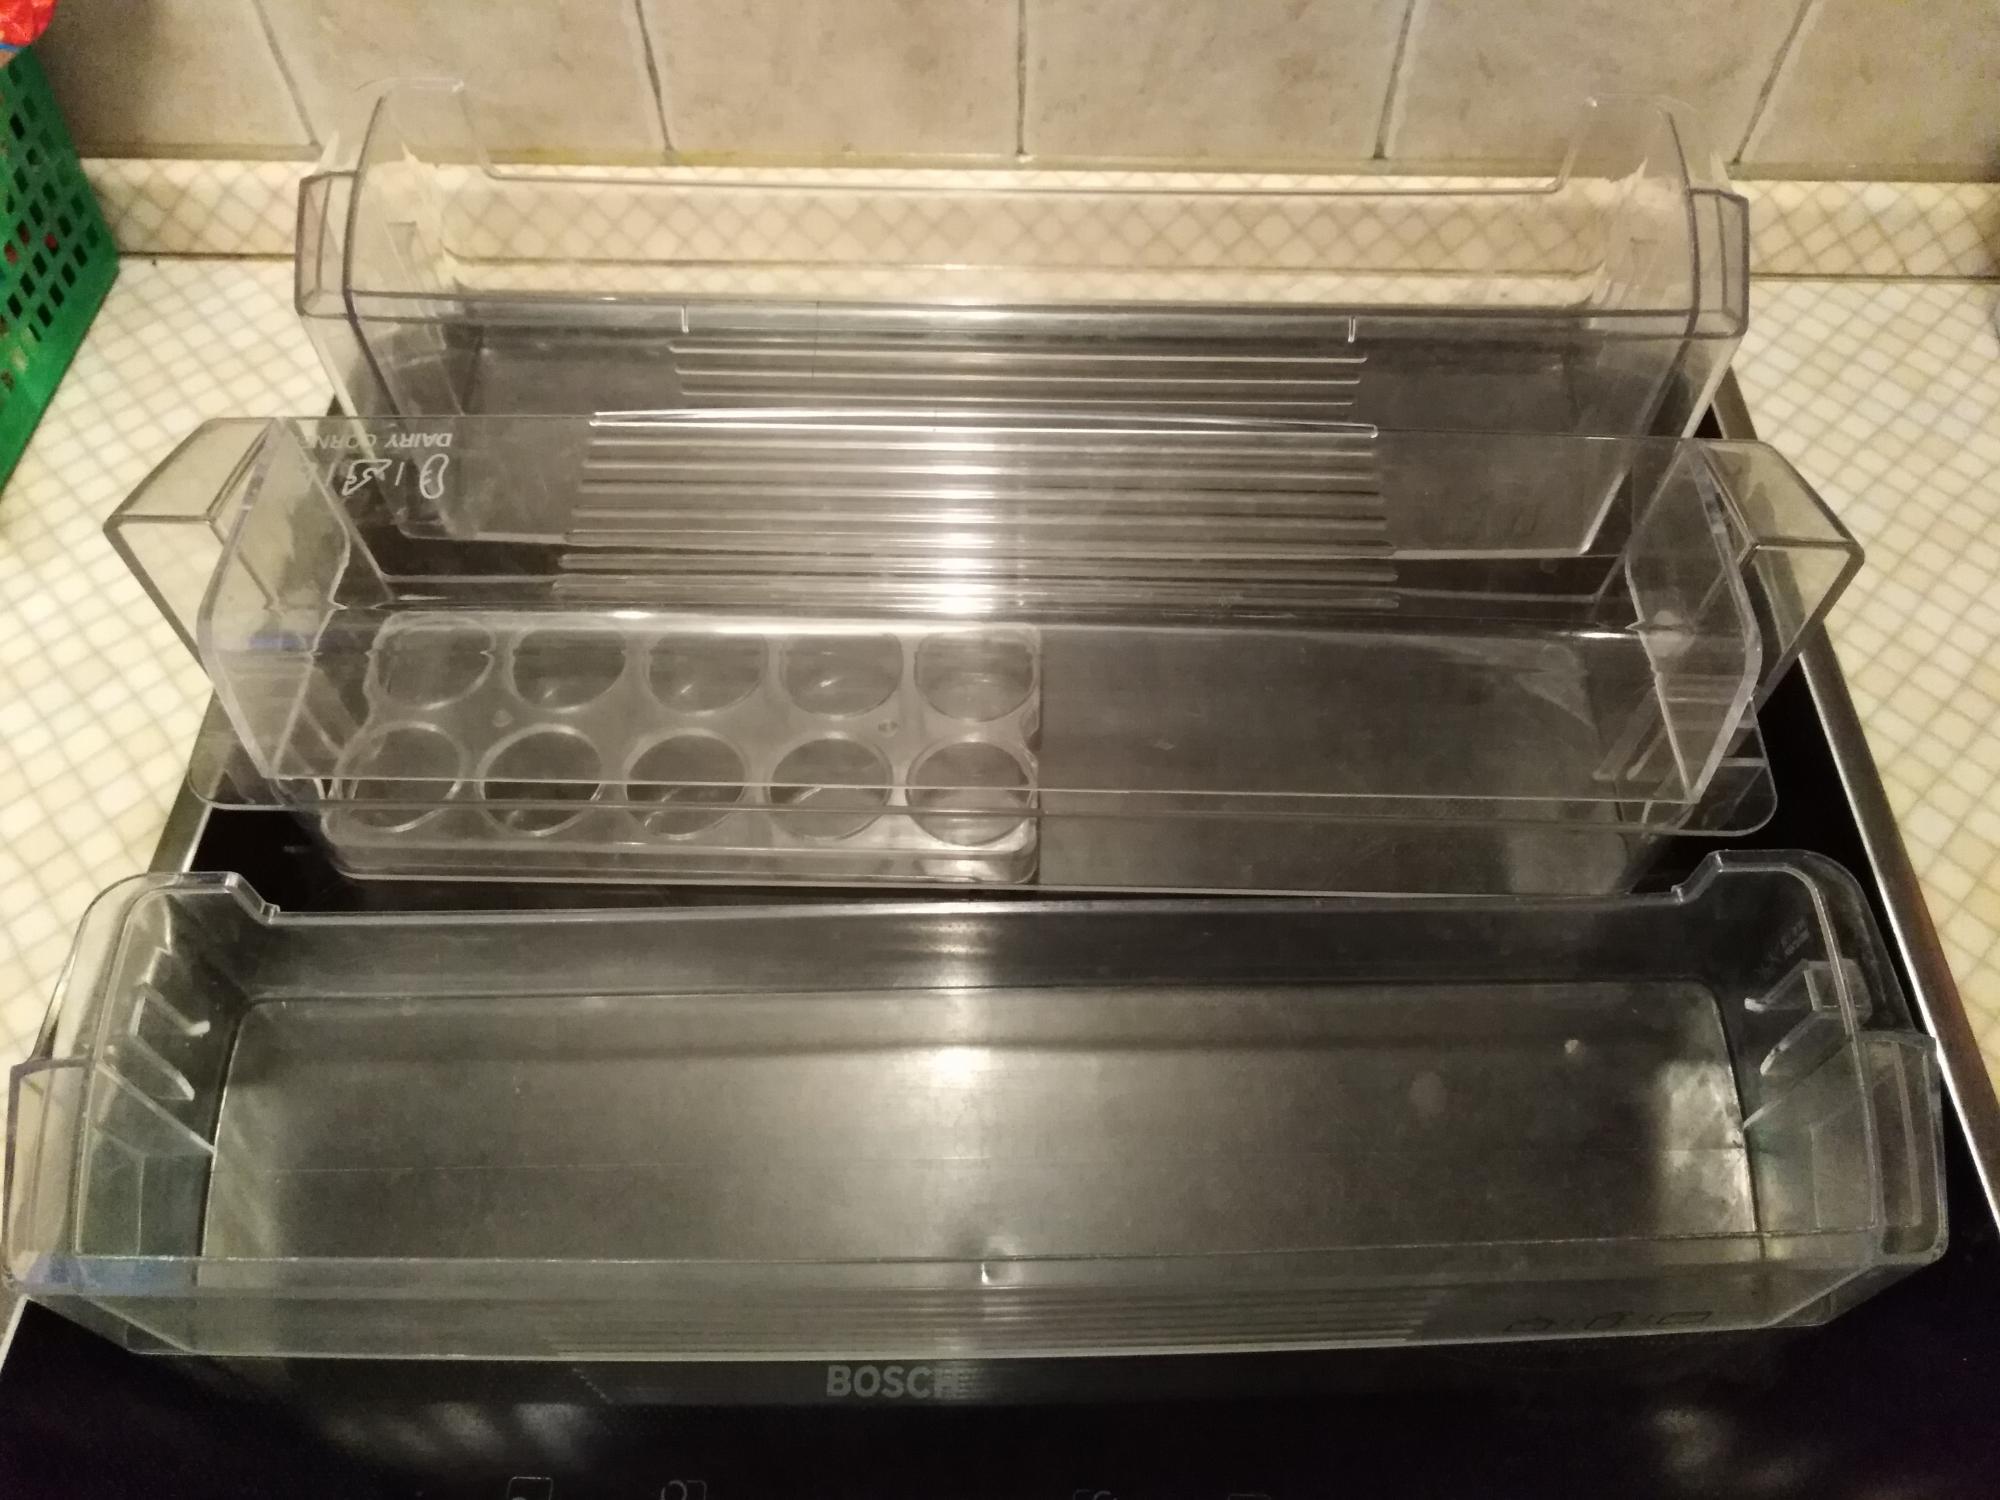 Запчасти к холодильнику LG 479bga в Москве 89269141249 купить 8